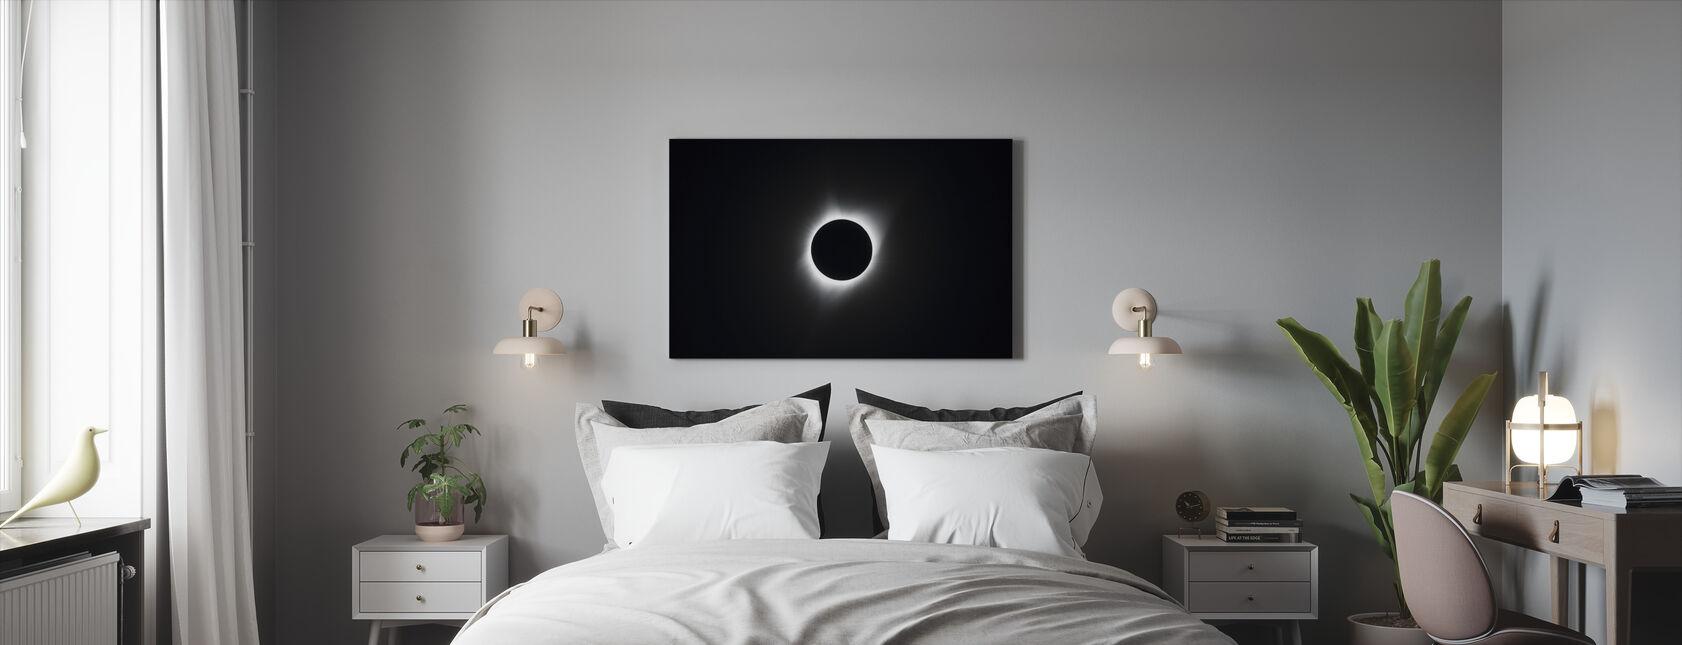 Eclipse yhteensä - Canvastaulu - Makuuhuone